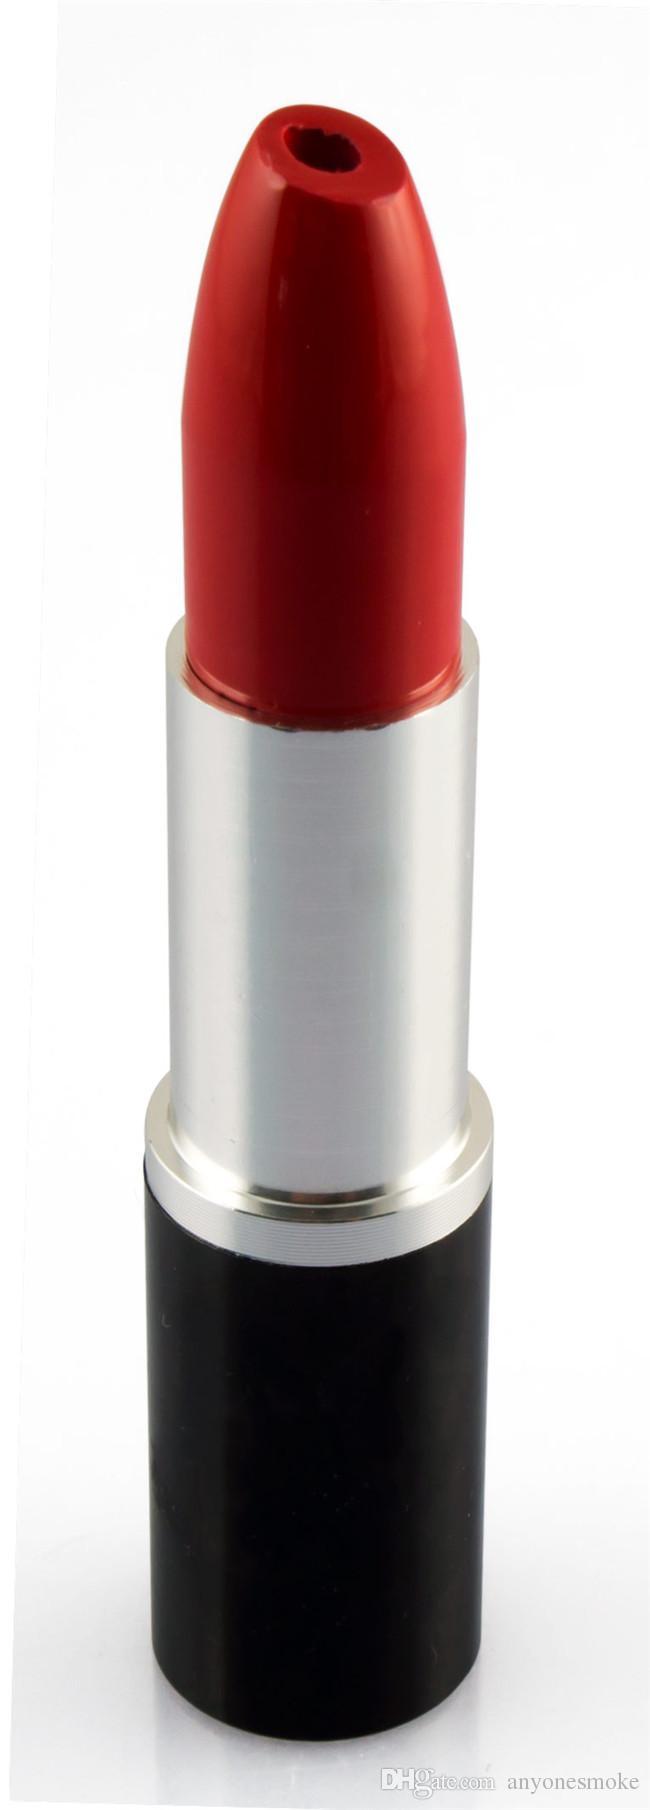 Lippenstift formte Metallpfeifen-Zusatz-Qualitäts-Werkzeuge freies Verschiffenauftrag über DHL-Verschiffen